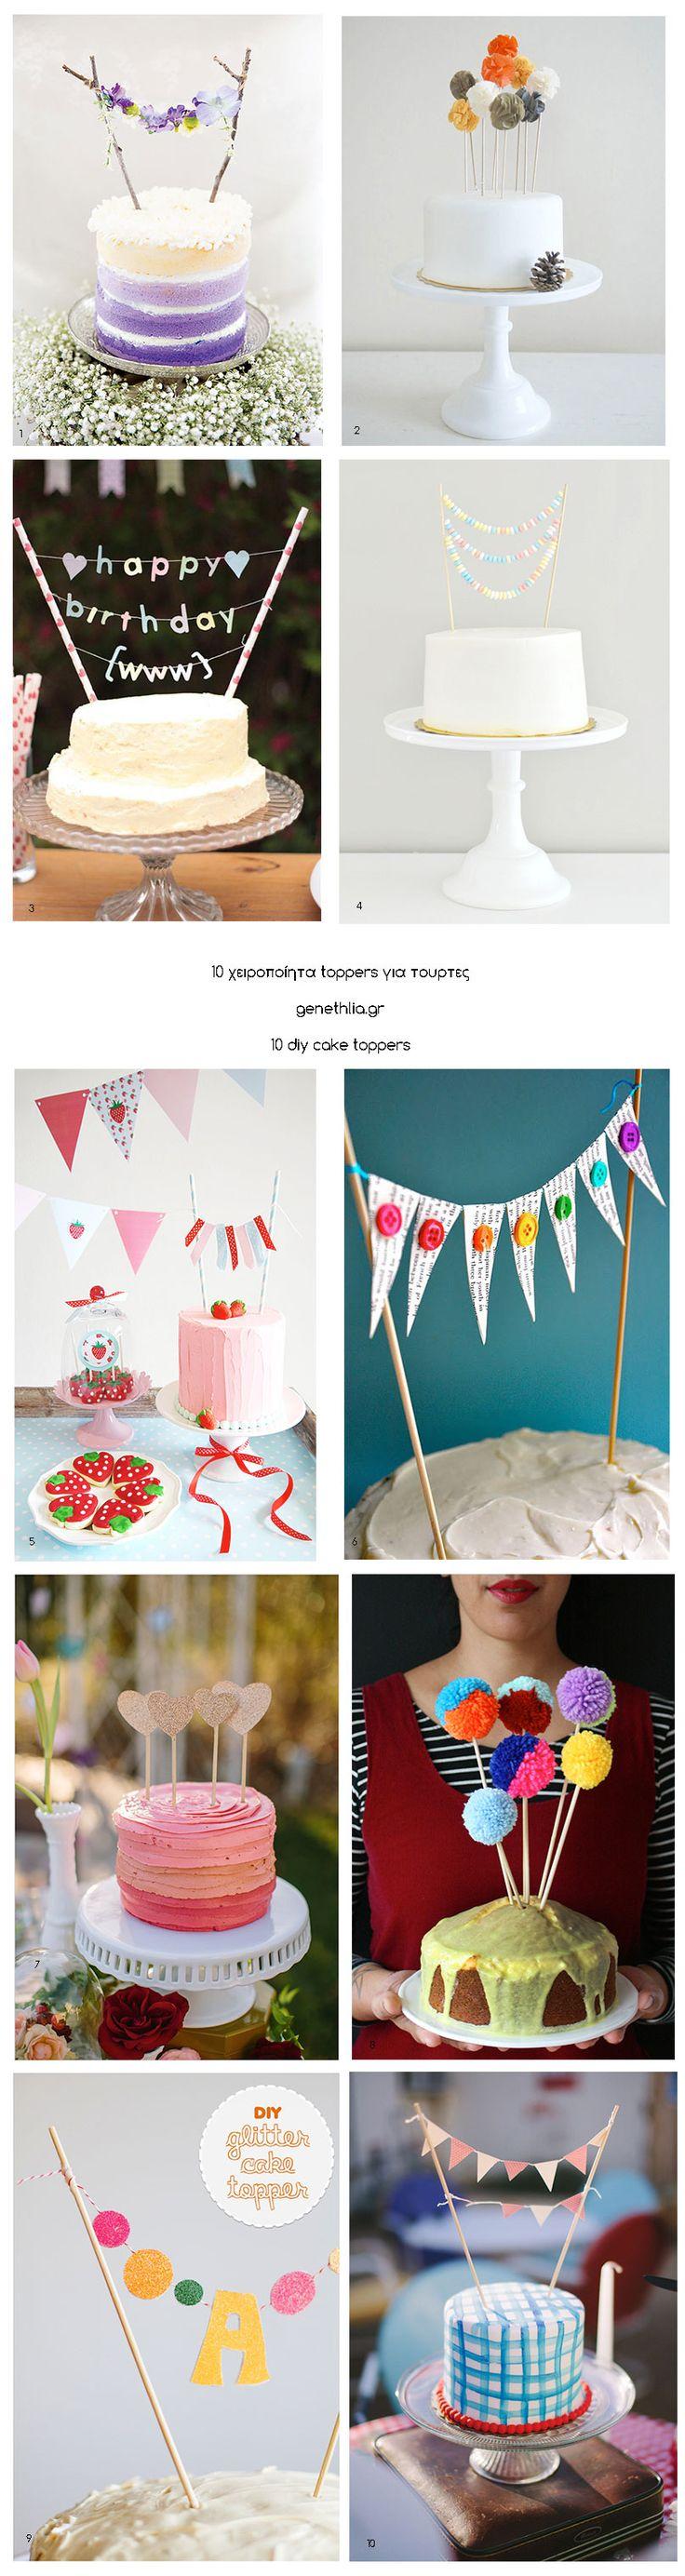 10 amazing diy cake toppers! 10 χειροποιητα διακοσμητικα για τουρτες